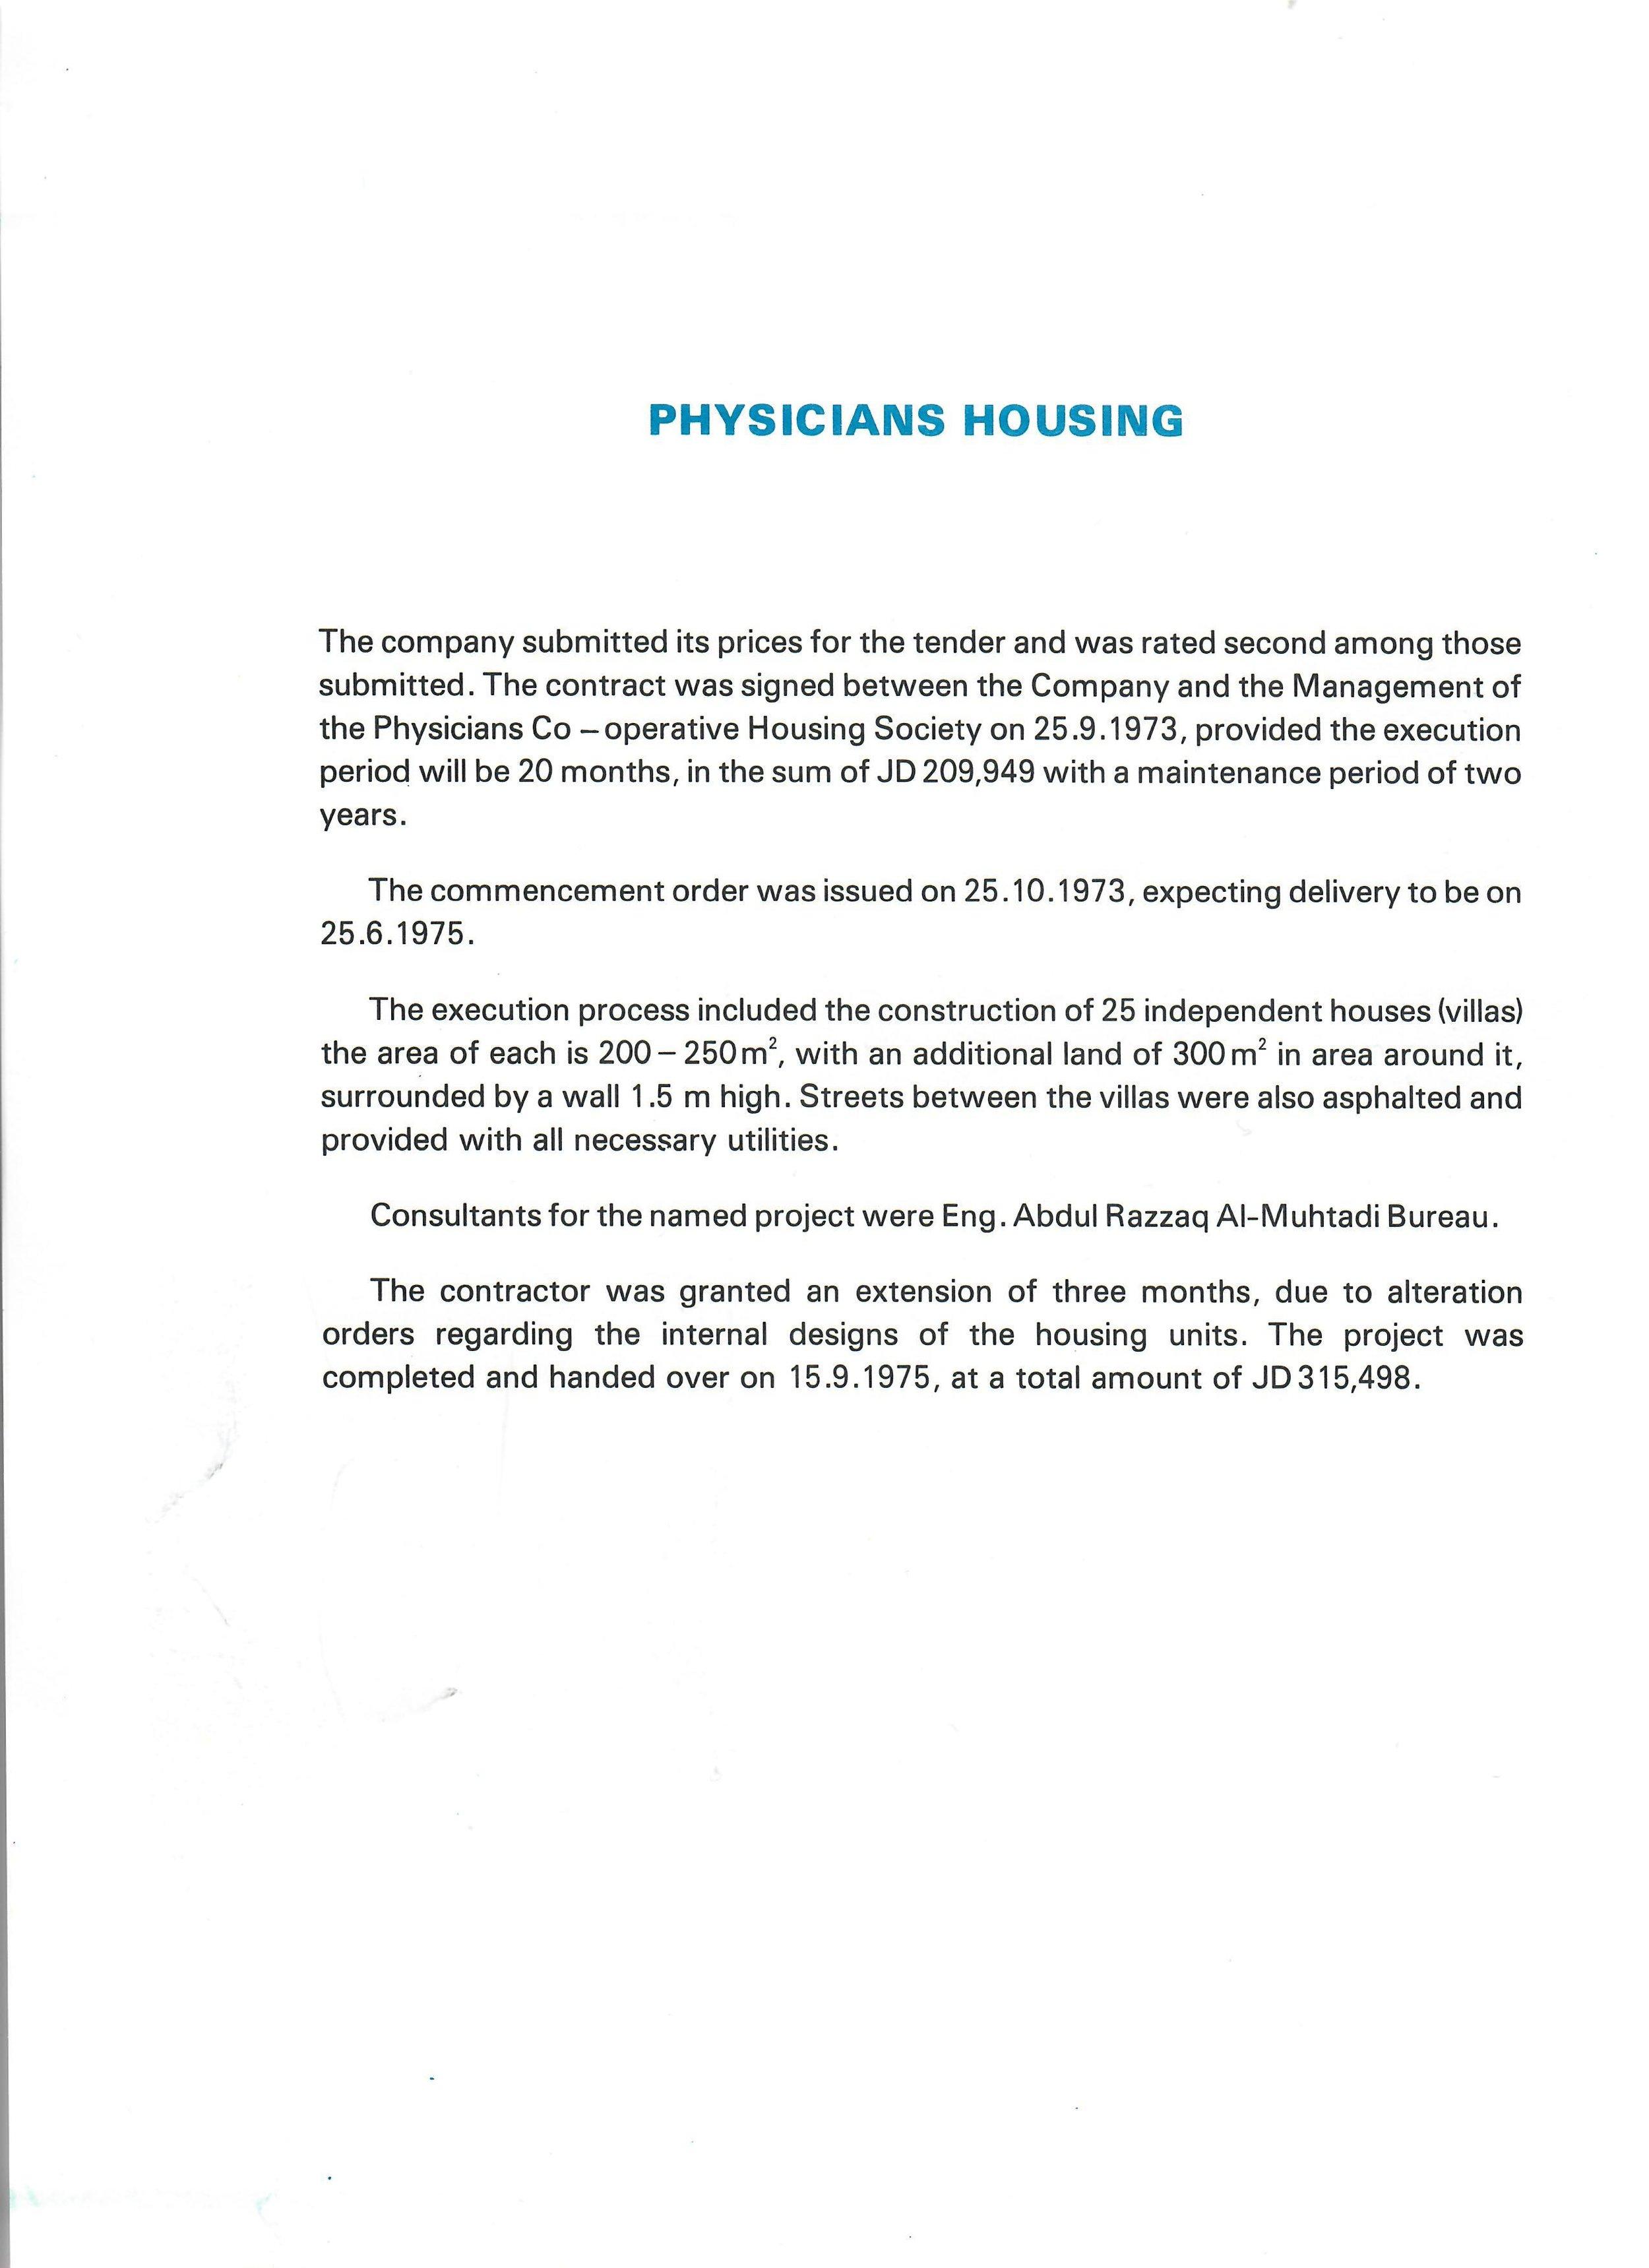 phys. housing texteng.jpeg